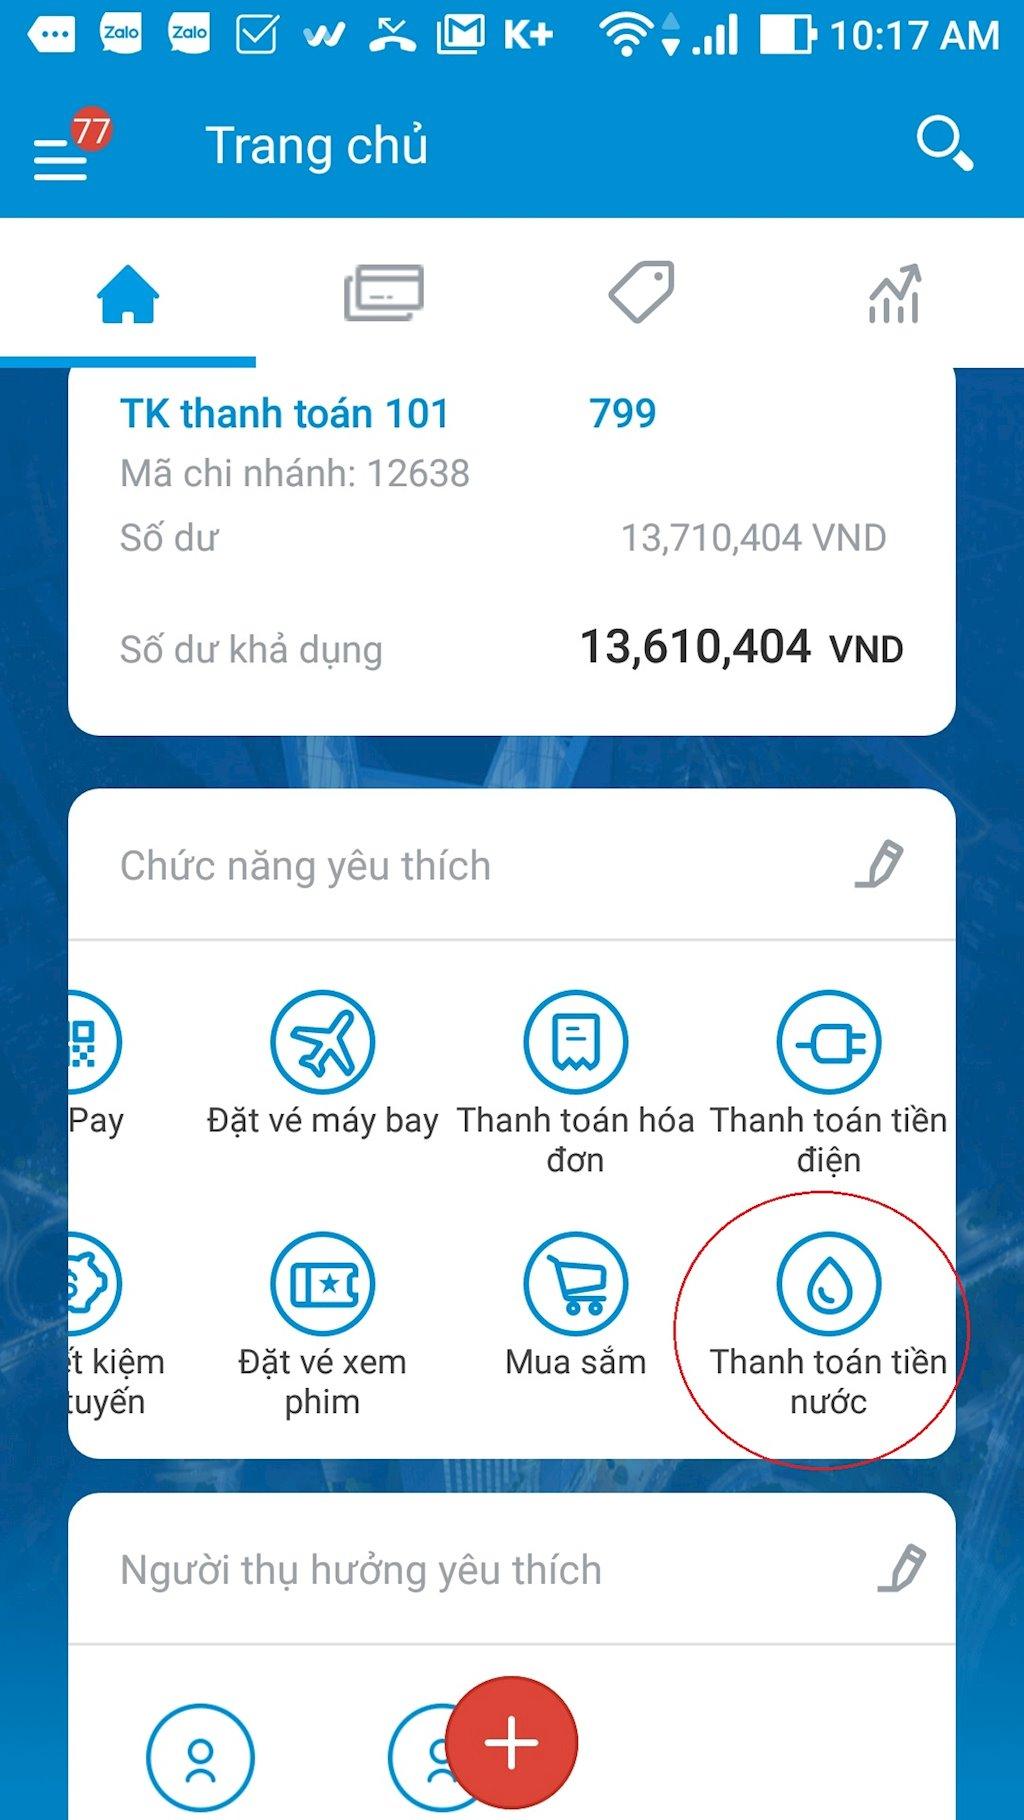 b1-huong-dan-thanh-toan-tien-nuoc-qua-app-ngan-hang-vietcombank-techcombank-vietinbank-msb-cach-thanh-toan-tien-nuoc-qua-ngan-hang-tai-ha-noi.jpg